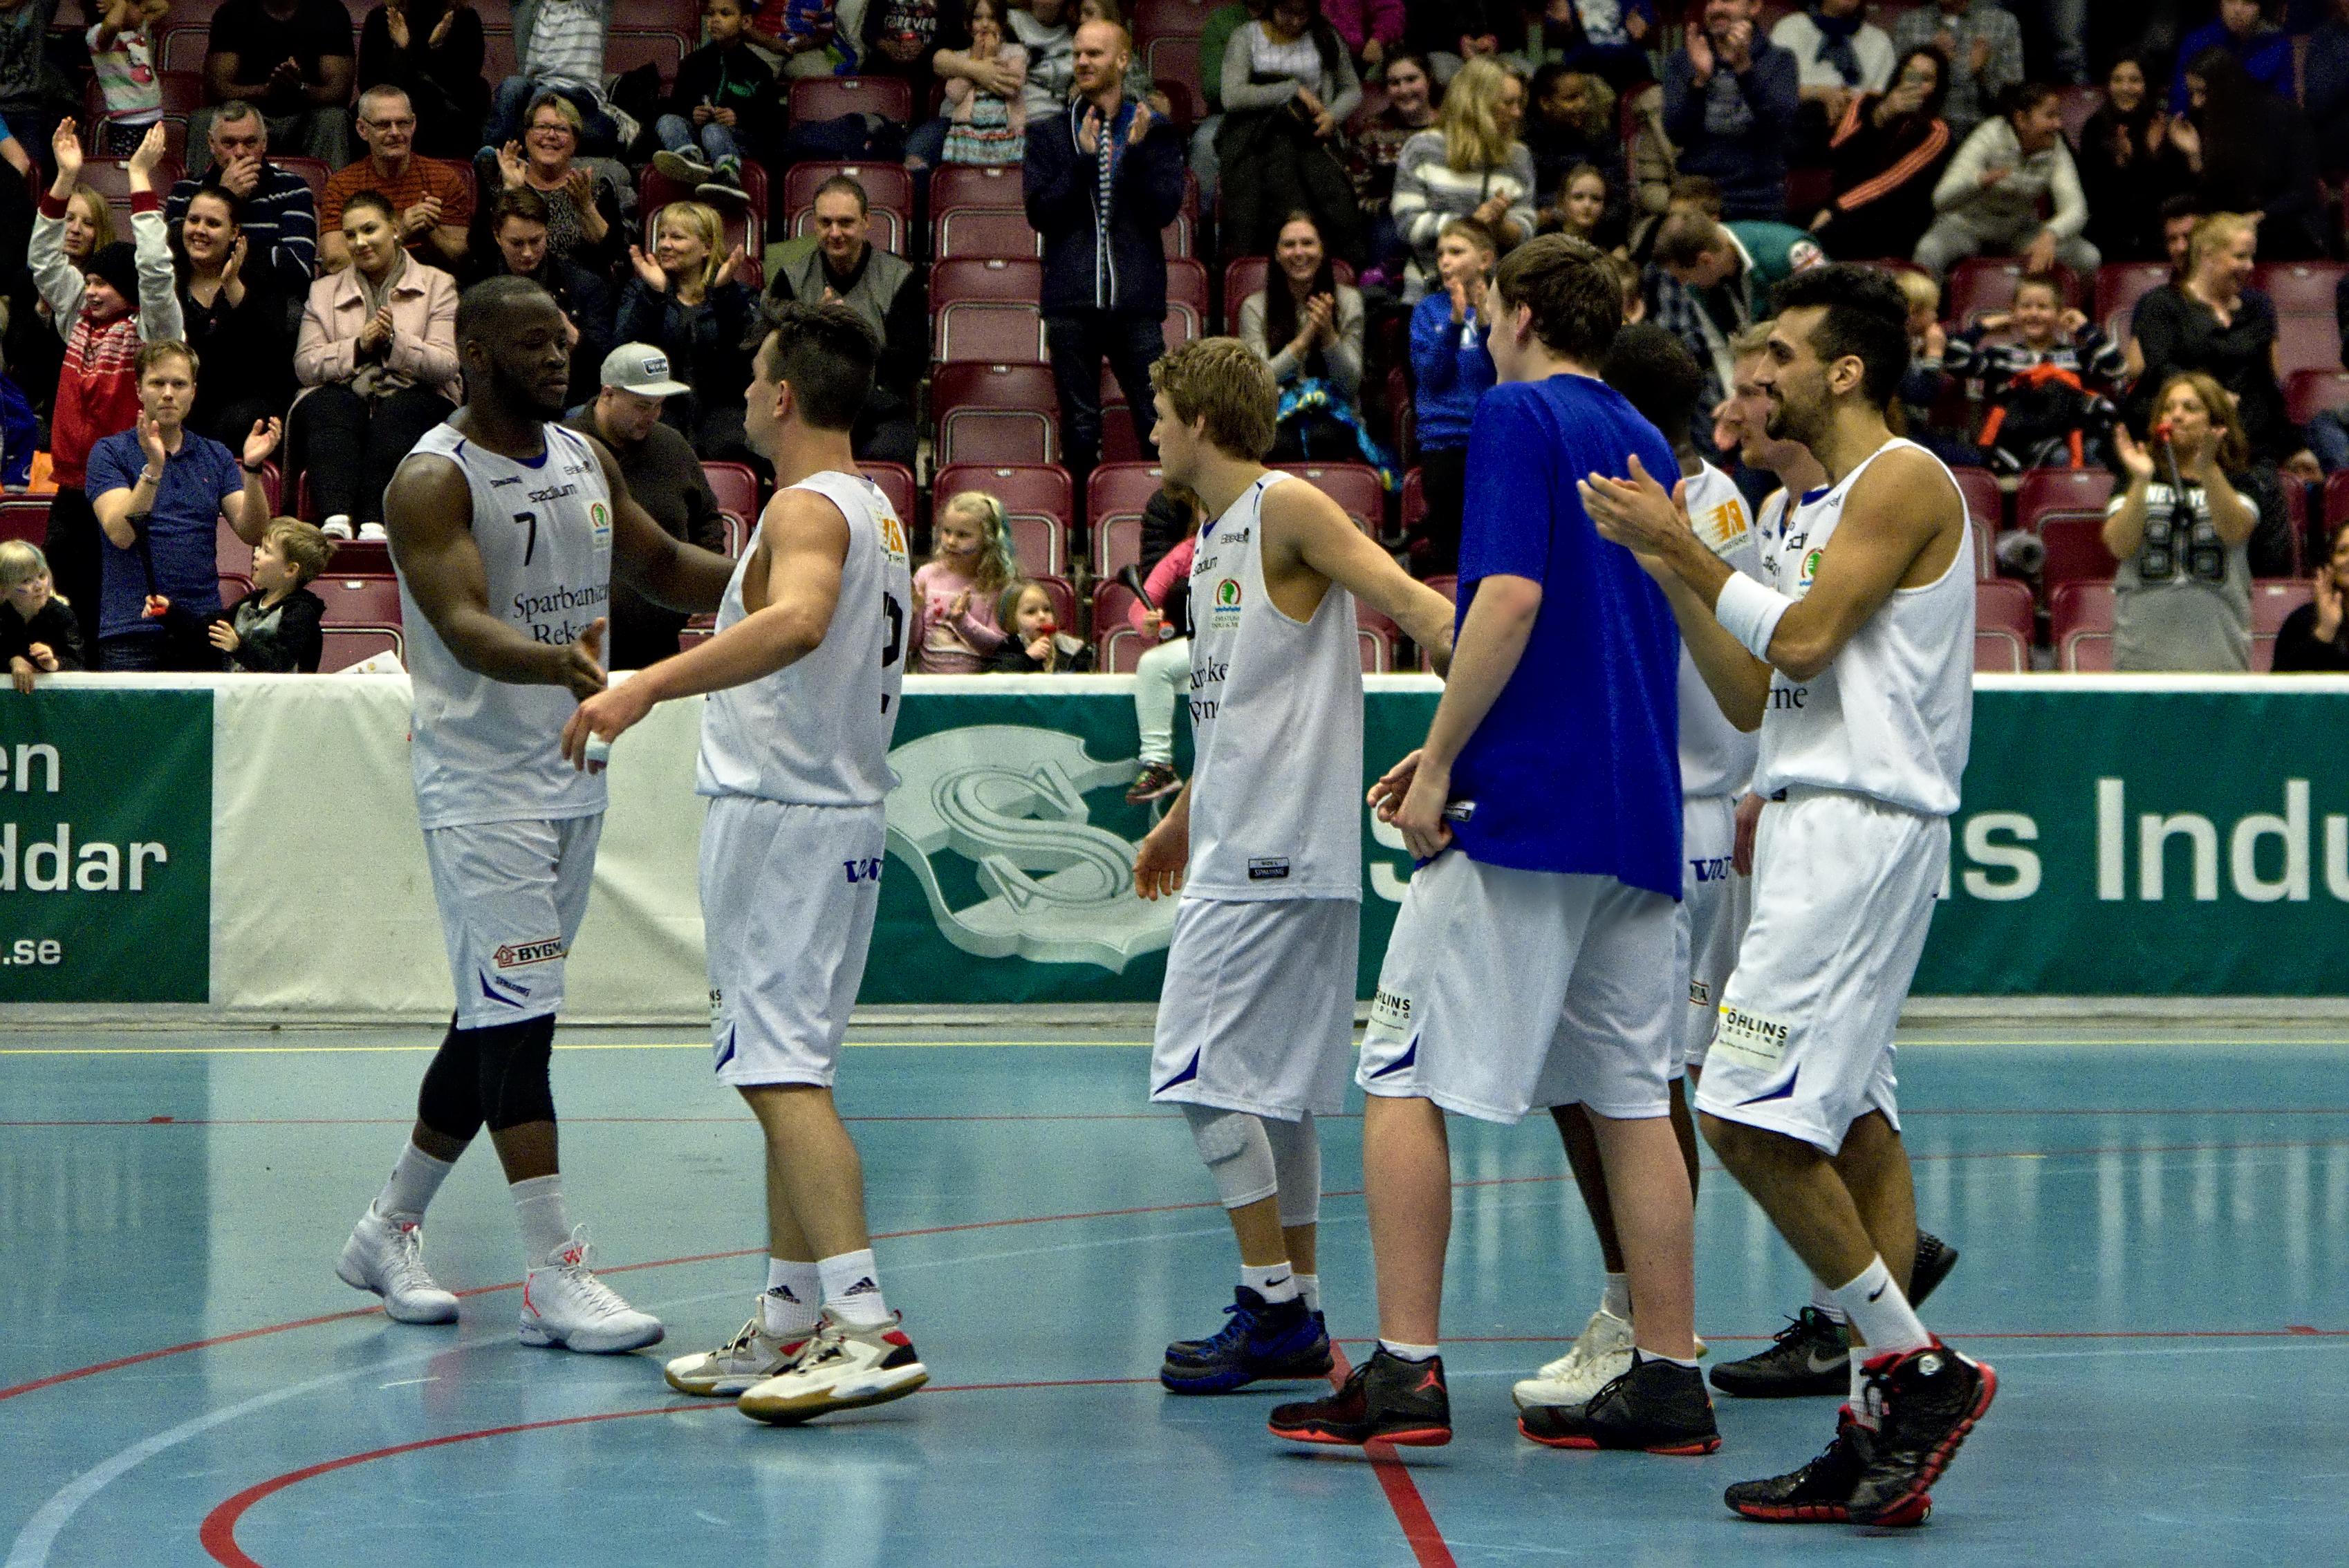 Northland basket spelar vidare